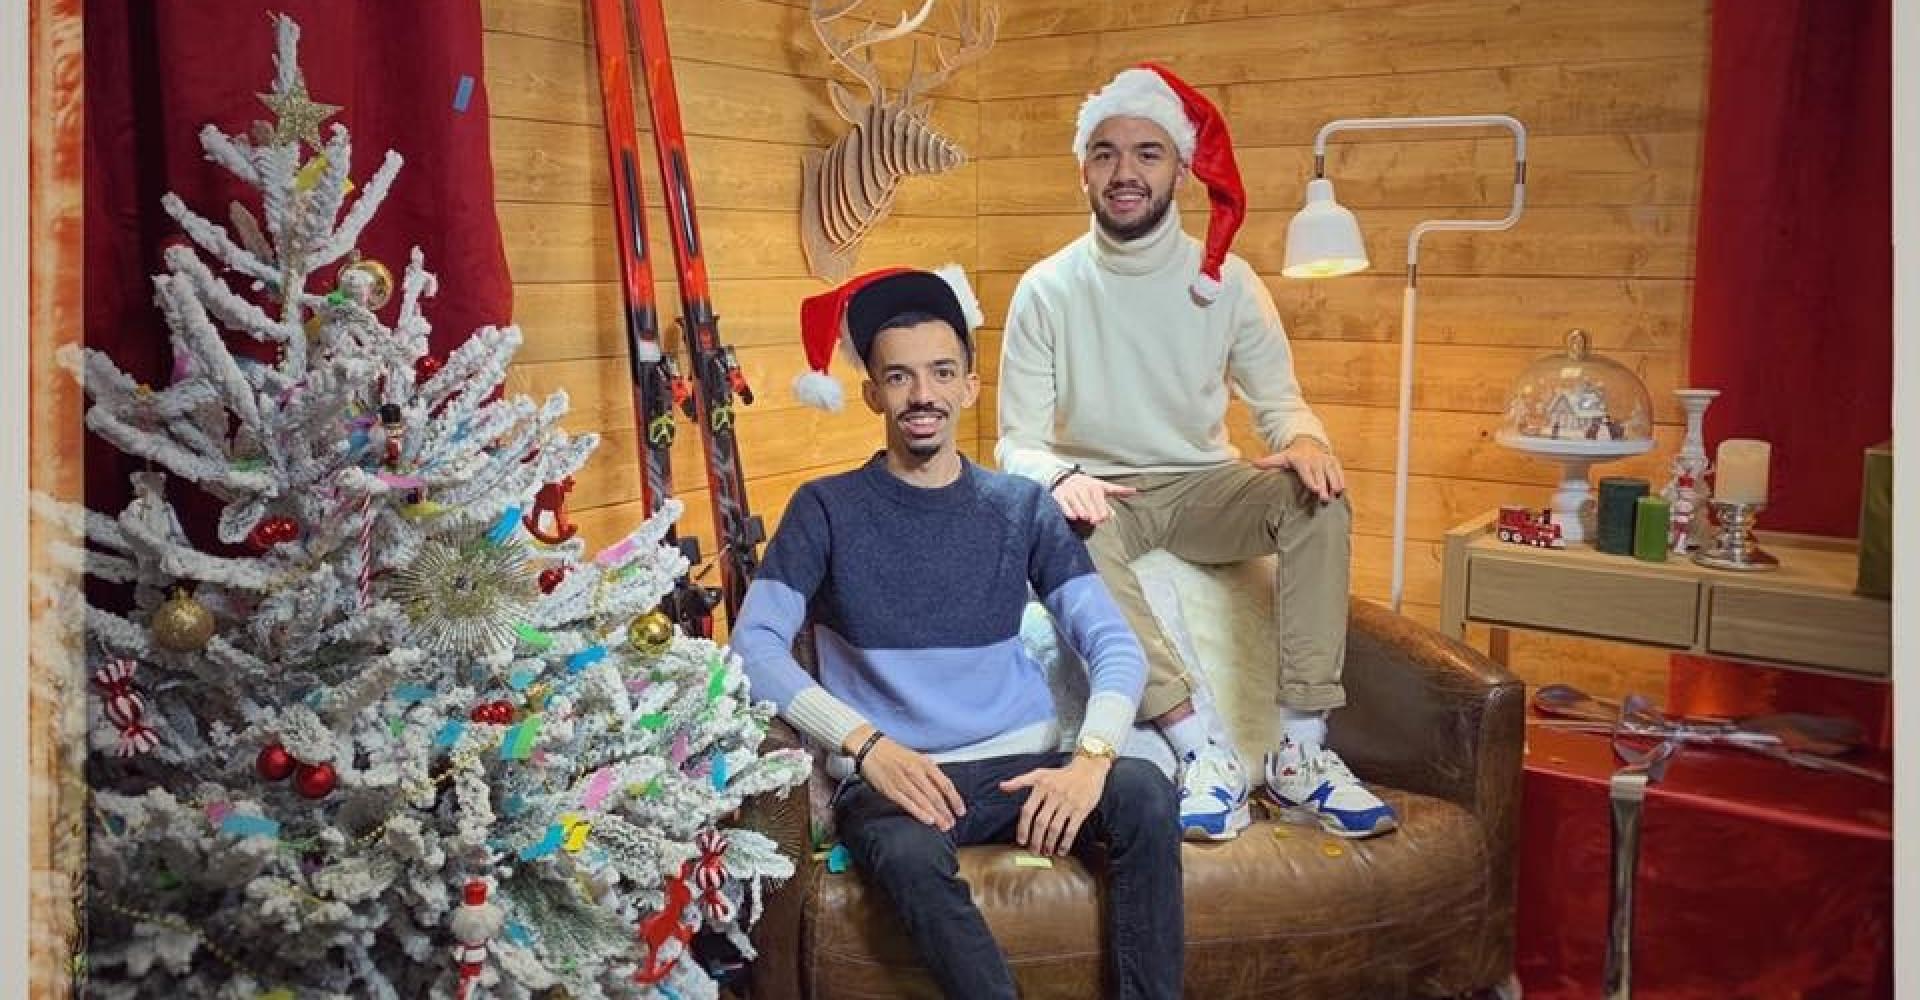 Noël 2018: ce qu'ont partagé les stars sur les réseaux sociaux